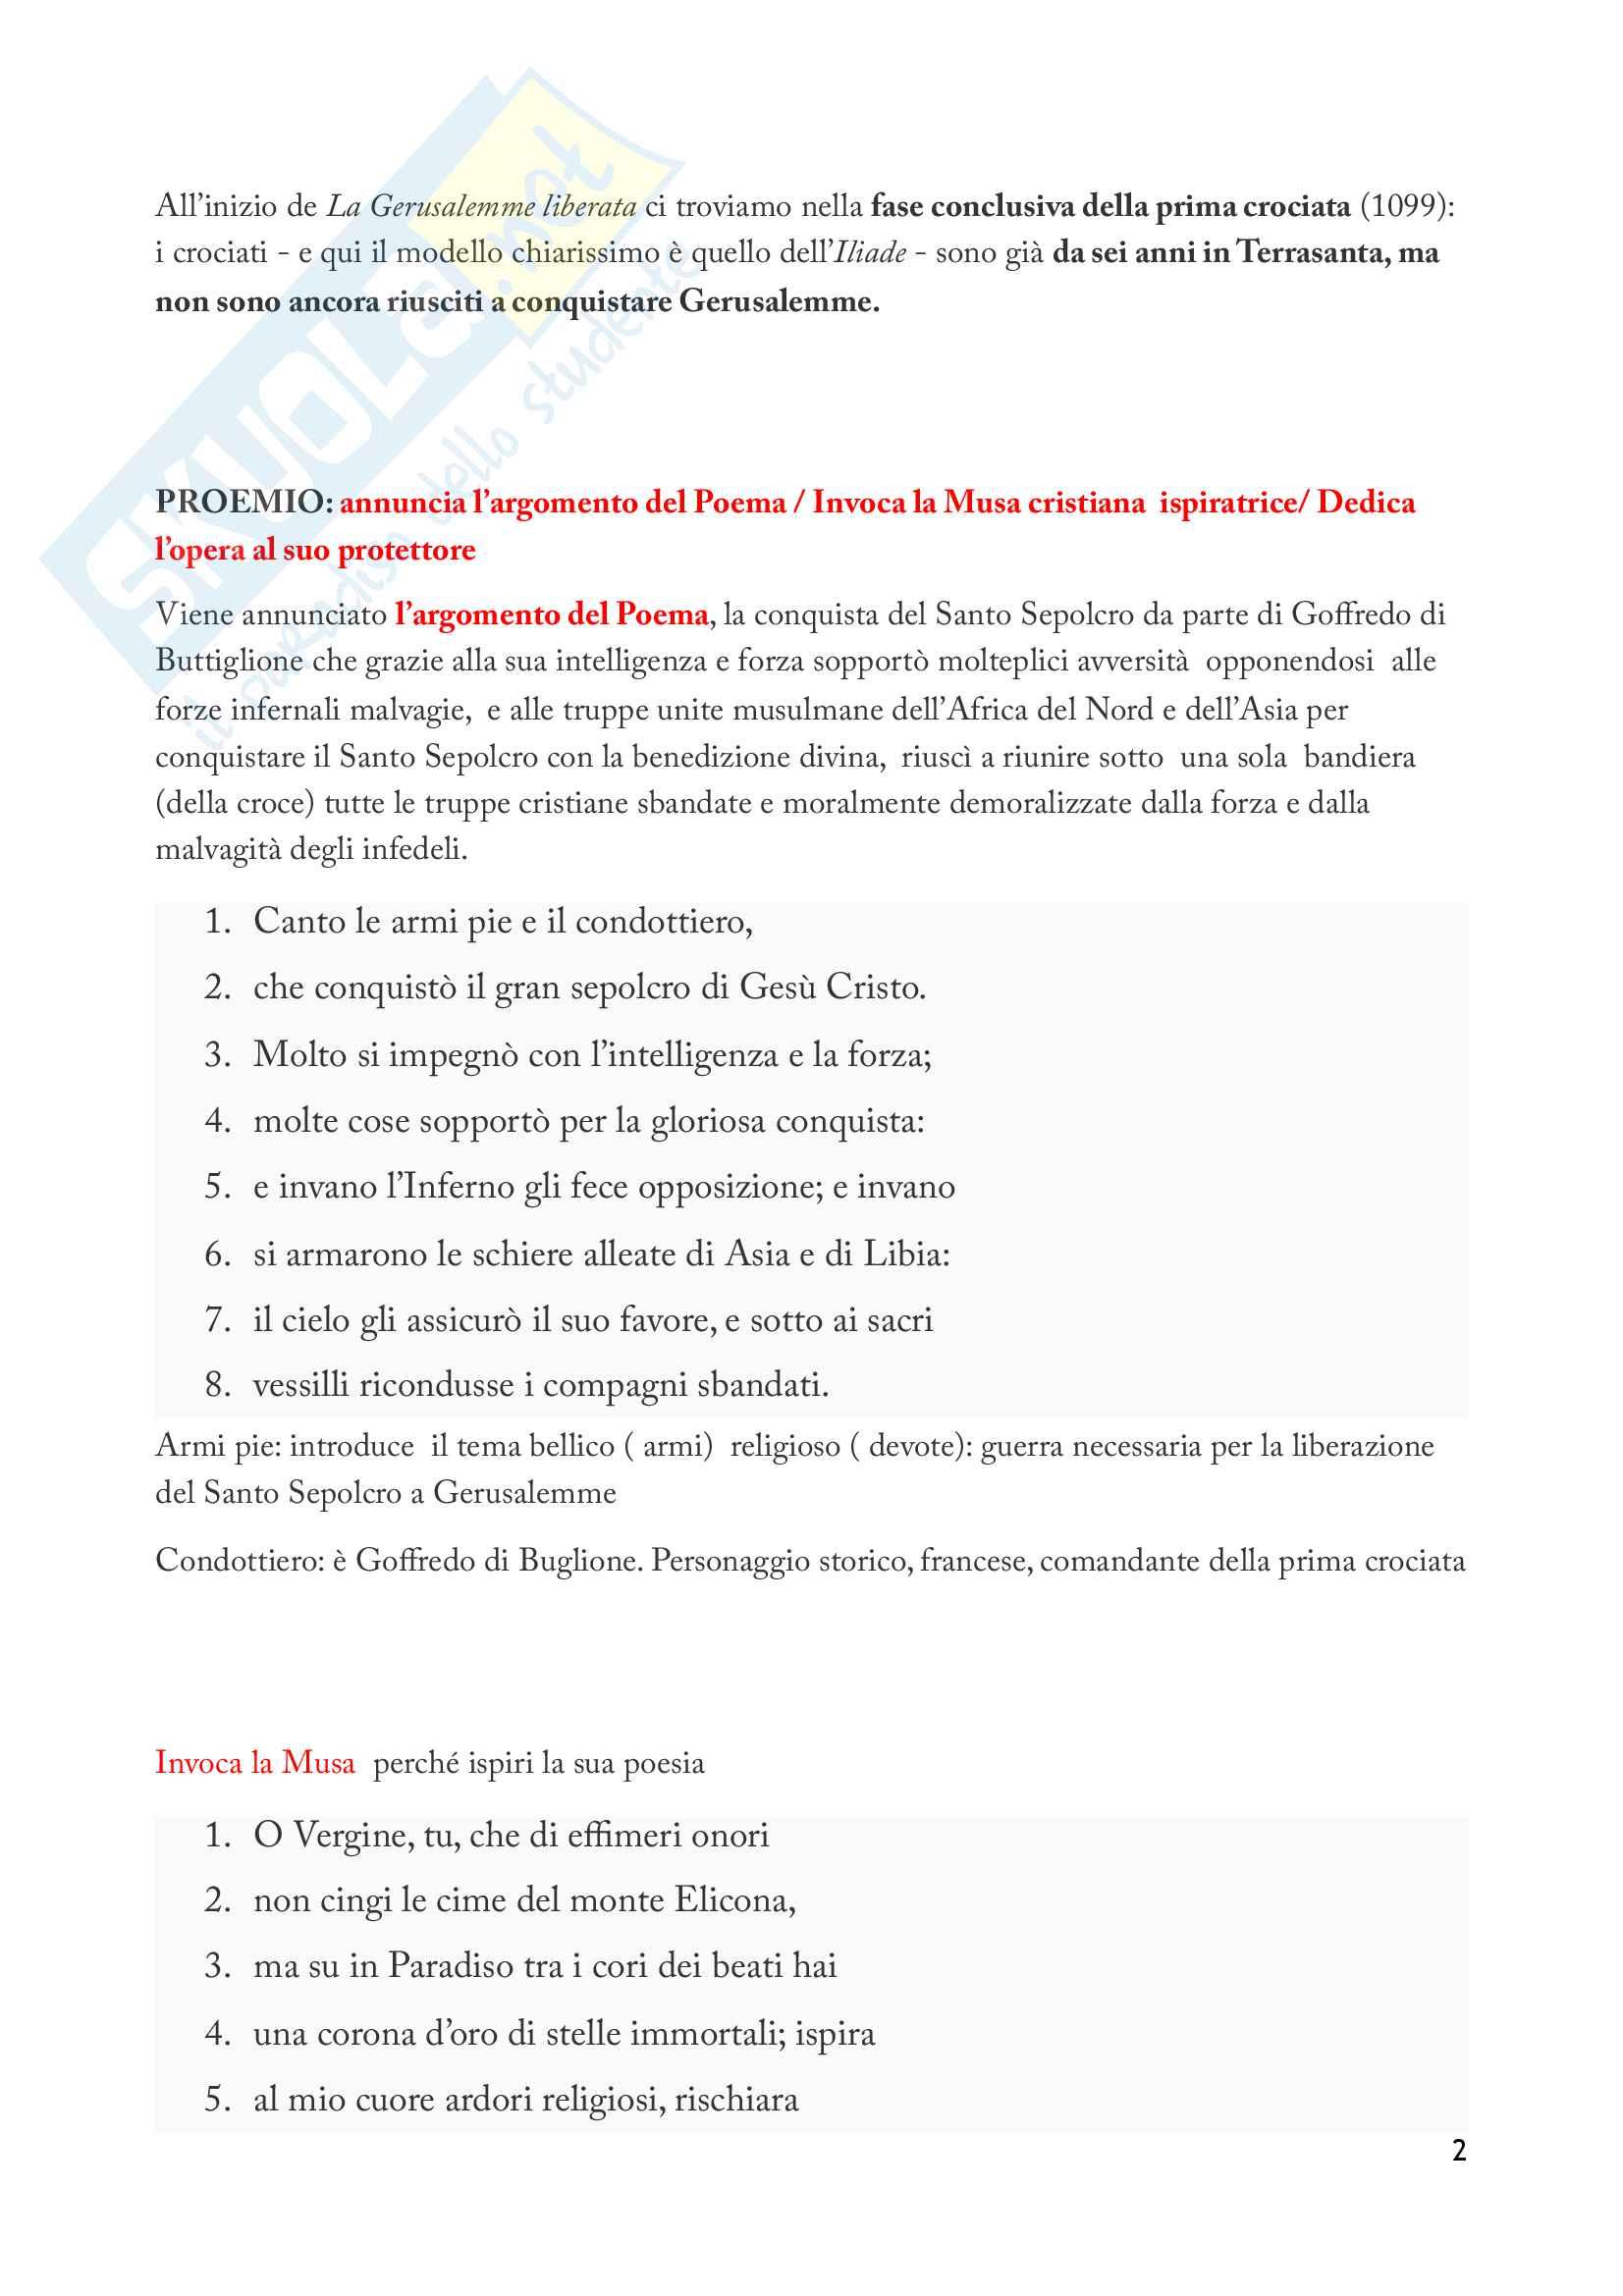 La Gerusalemme liberata - Riassunto, Analisi e Personaggi Pag. 2